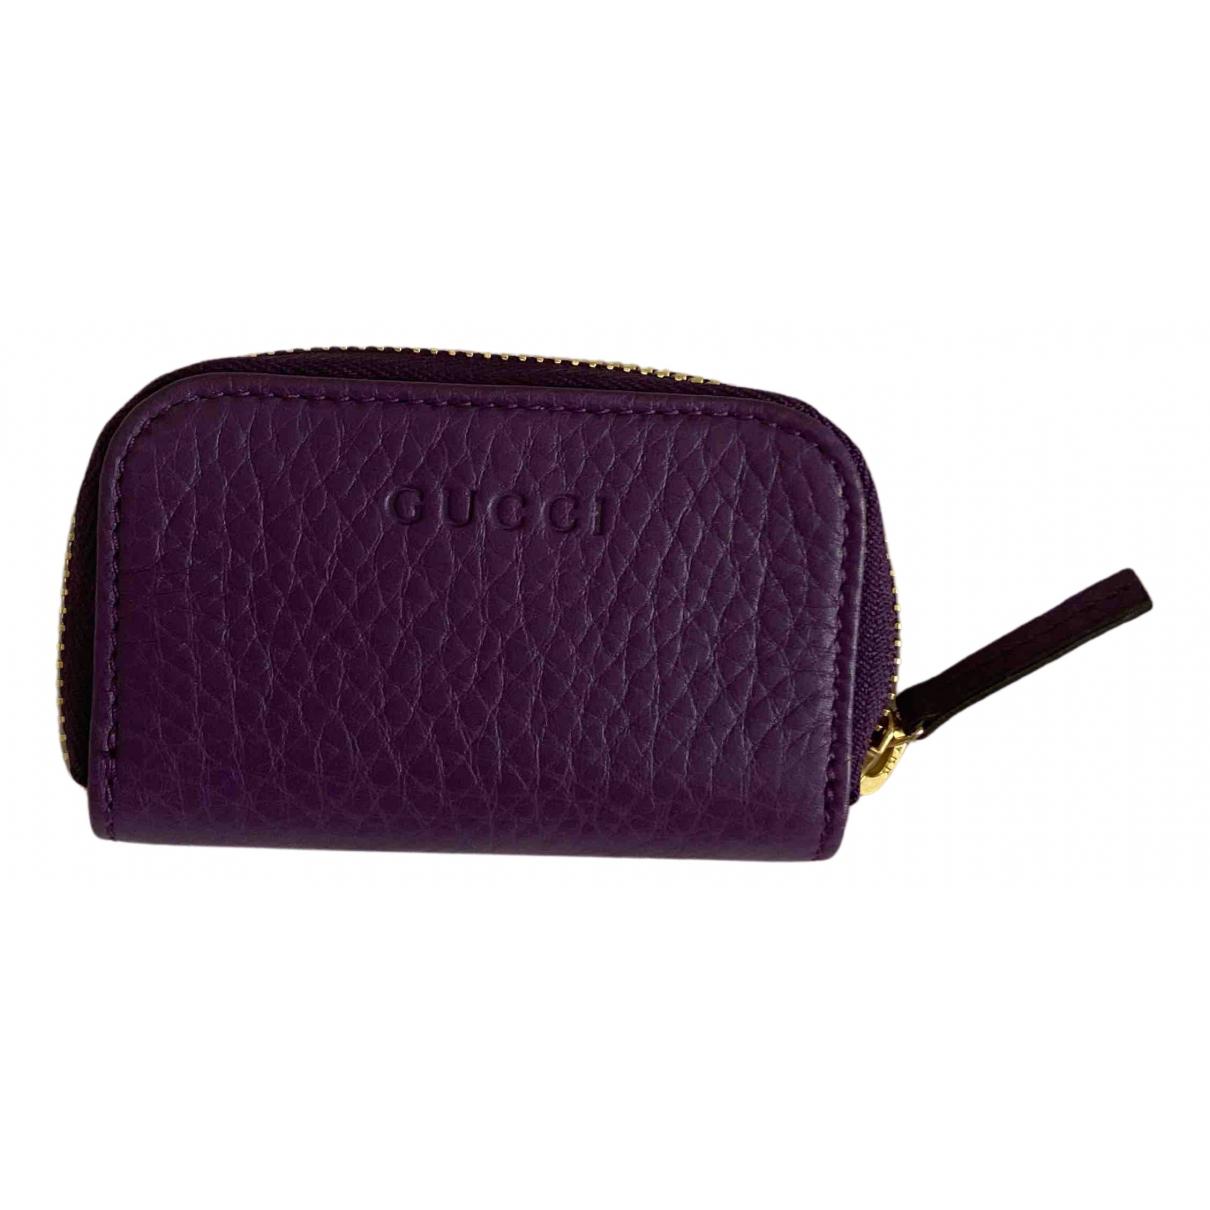 Gucci - Portefeuille Soho pour femme en cuir - violet